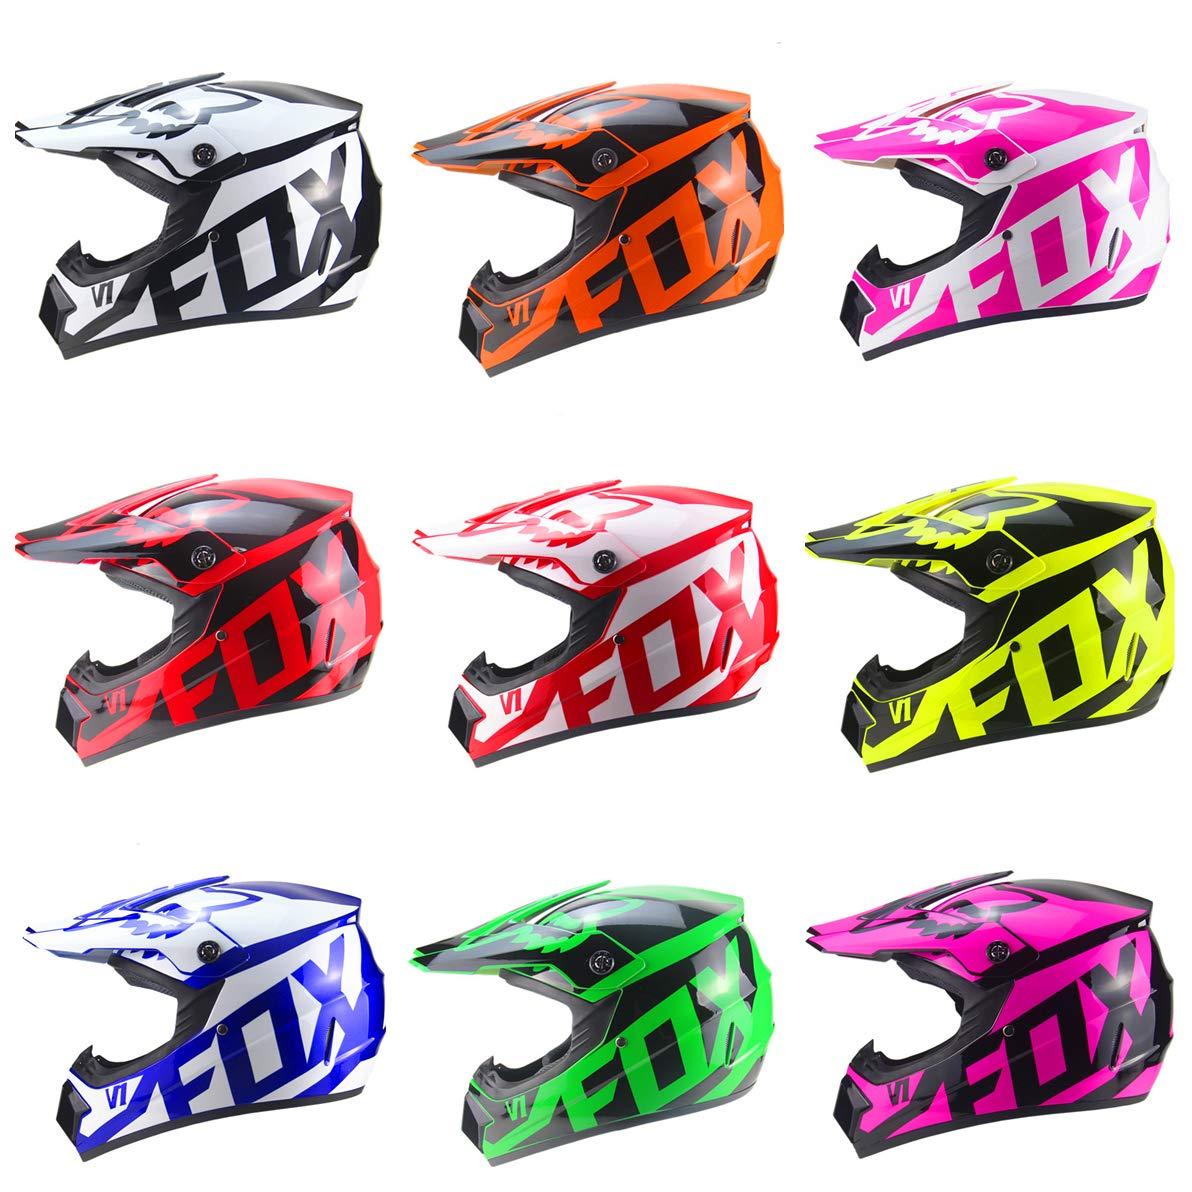 para adultos j/óvenes ni/ños L 57~58cm , Verde QSWSW Casco de motocross Seguro Cara completa Bicicleta cl/ásica MTB DH Casco de carreras Motocross Casco de bicicleta cuesta abajo Capacetes Motocross